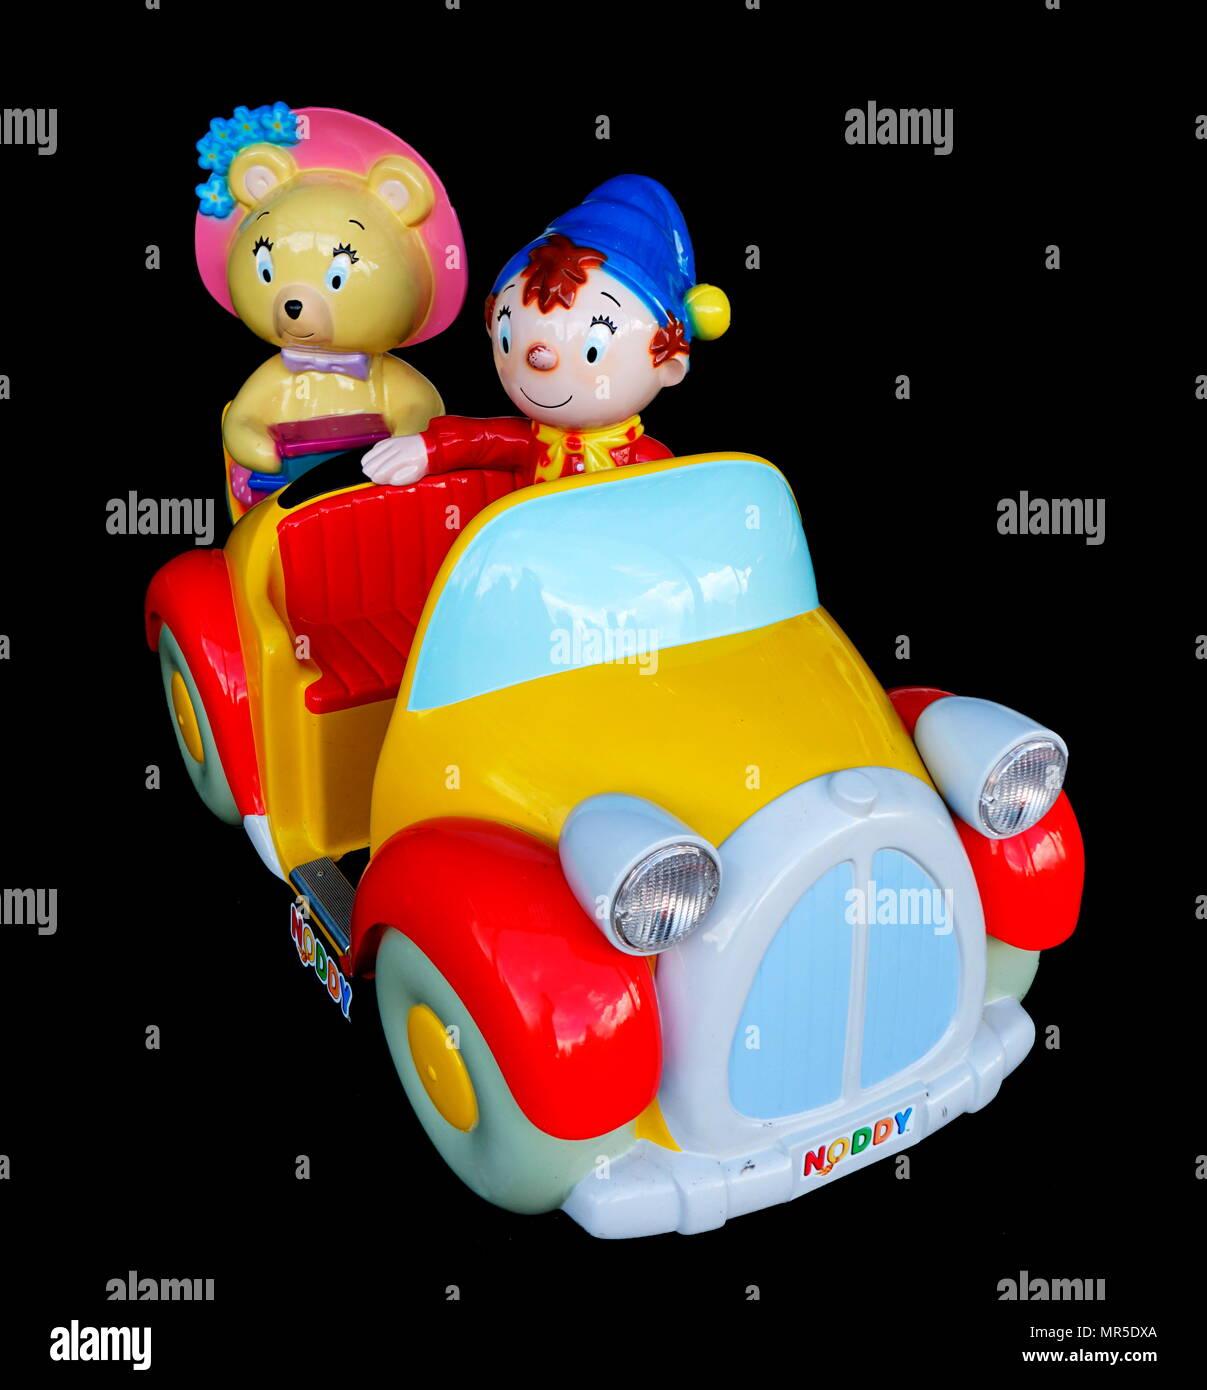 noddy car stock photos noddy car stock images alamy